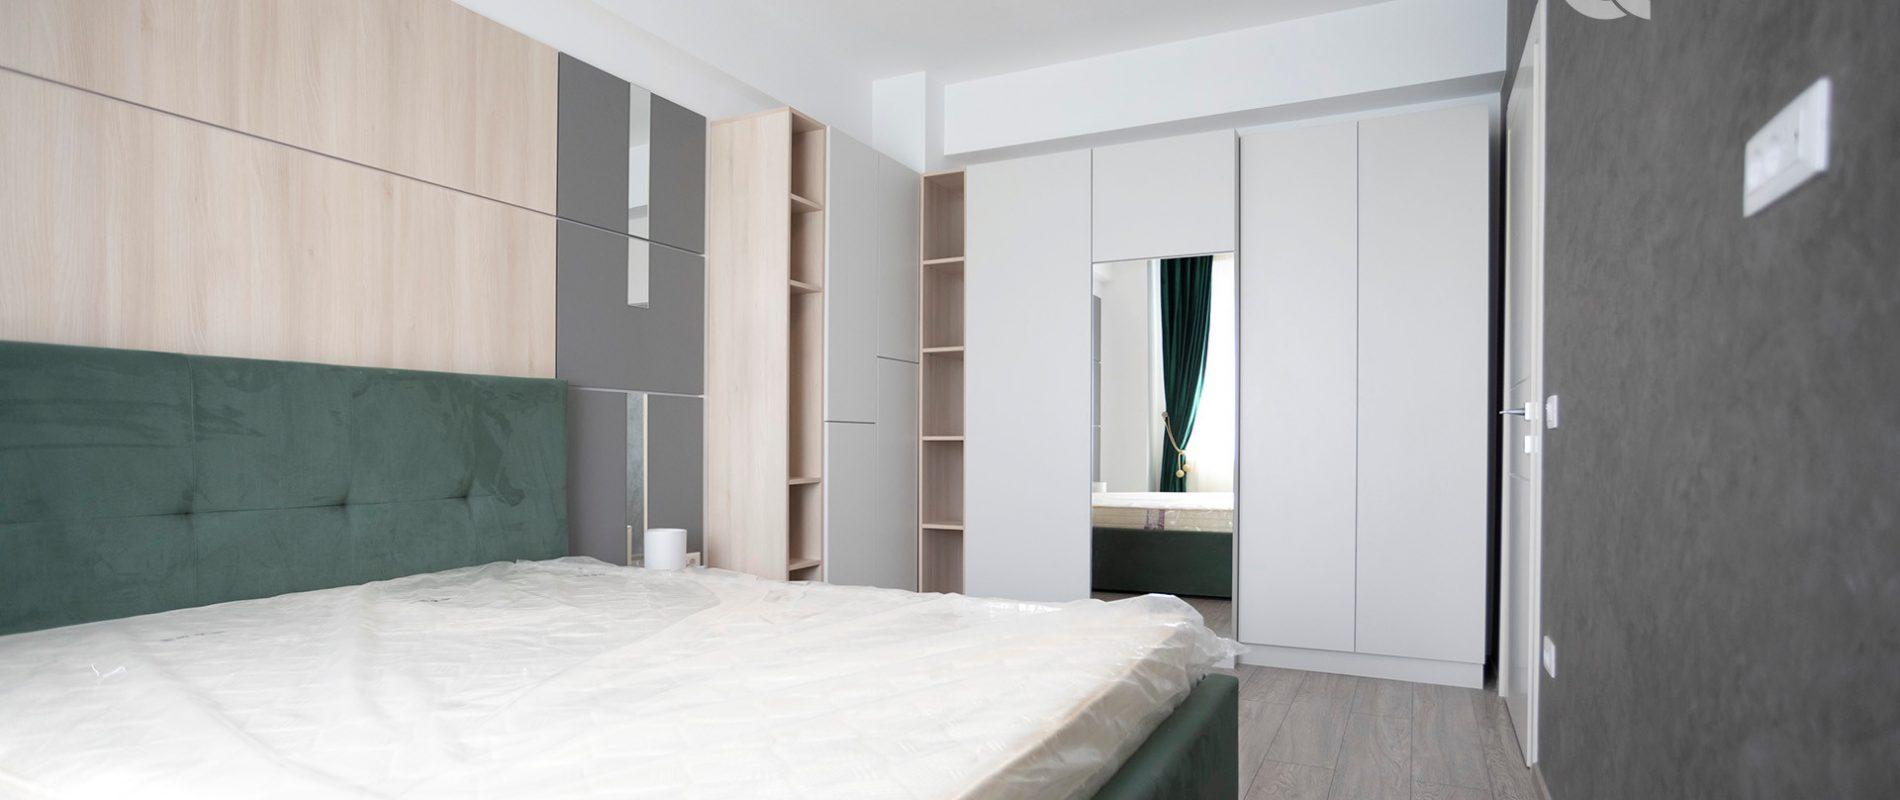 q-residence.ro-apartament-cu-doua-camere-dormitor-07